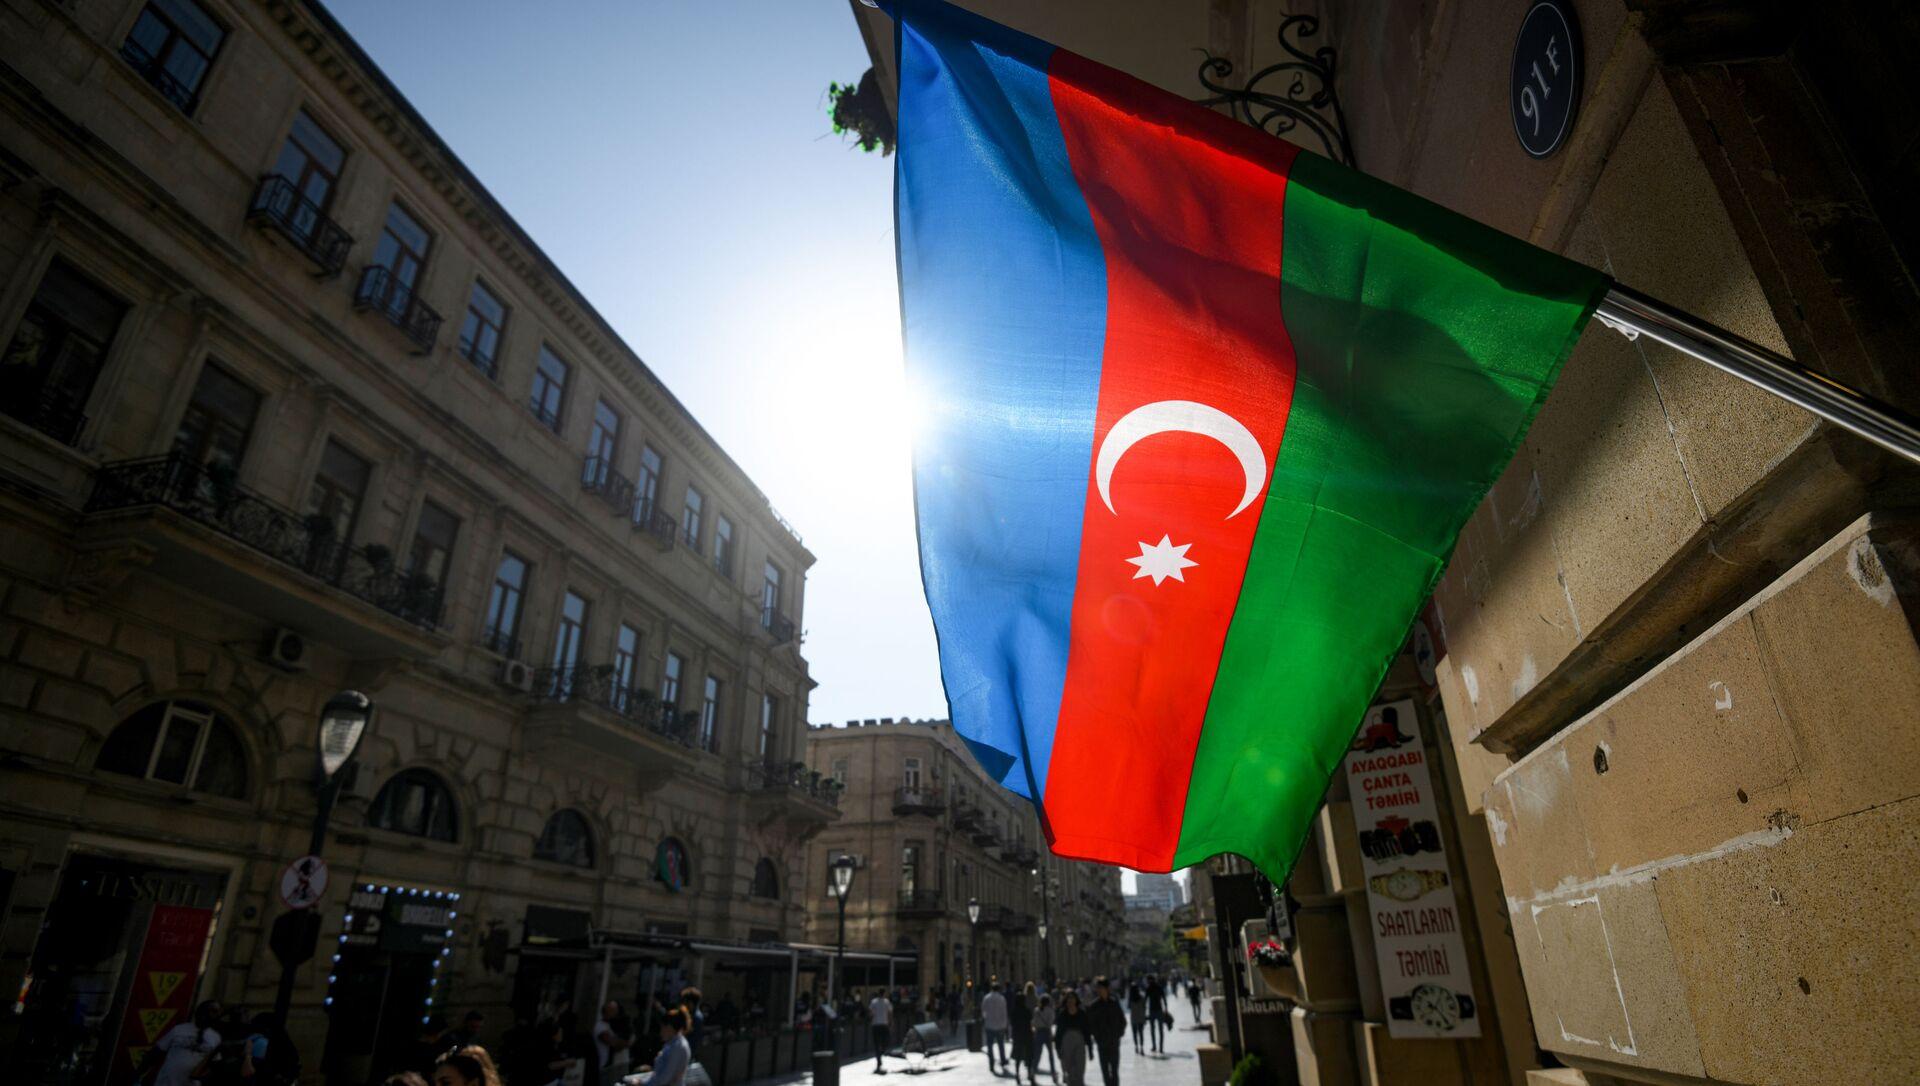 Azerbaycan bayrağı - Bakü  - Sputnik Türkiye, 1920, 01.08.2021